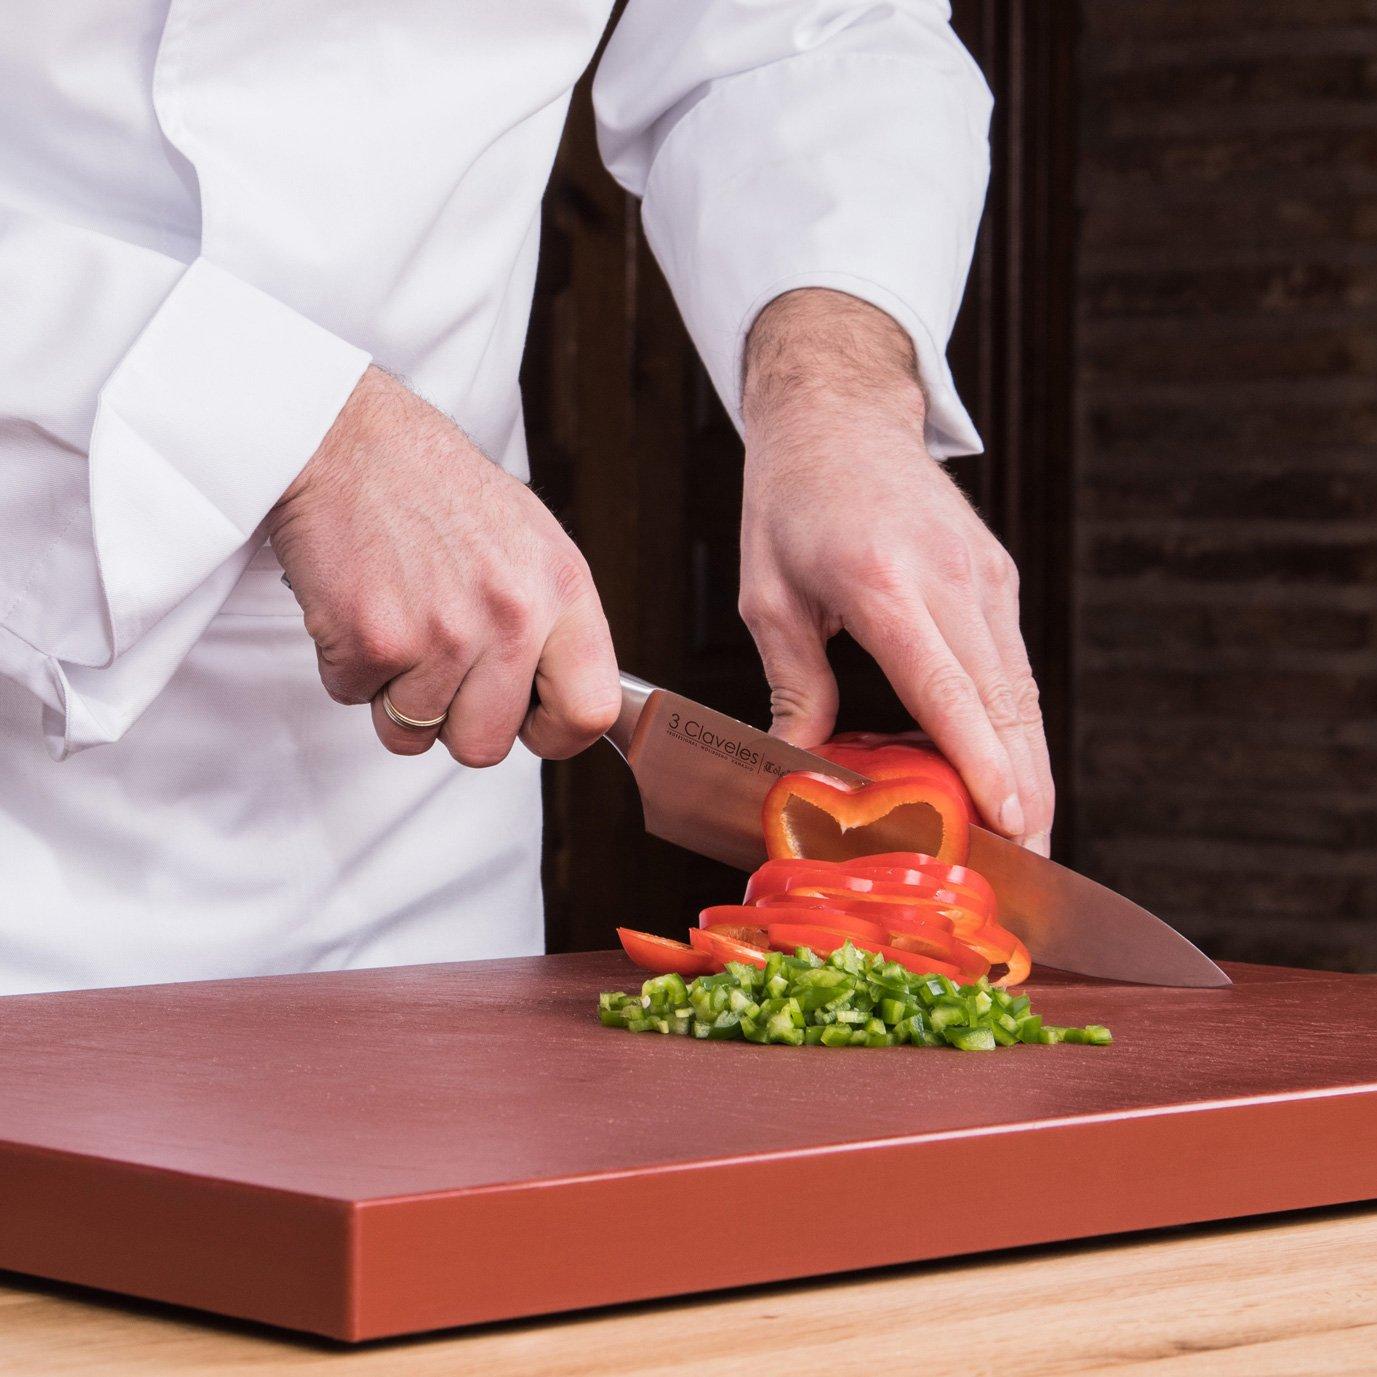 3 Claveles - Cuchillo Cocinero Forjado, Pulido Mate, Acero Inoxidable, línea Toledo - (20cm - 8